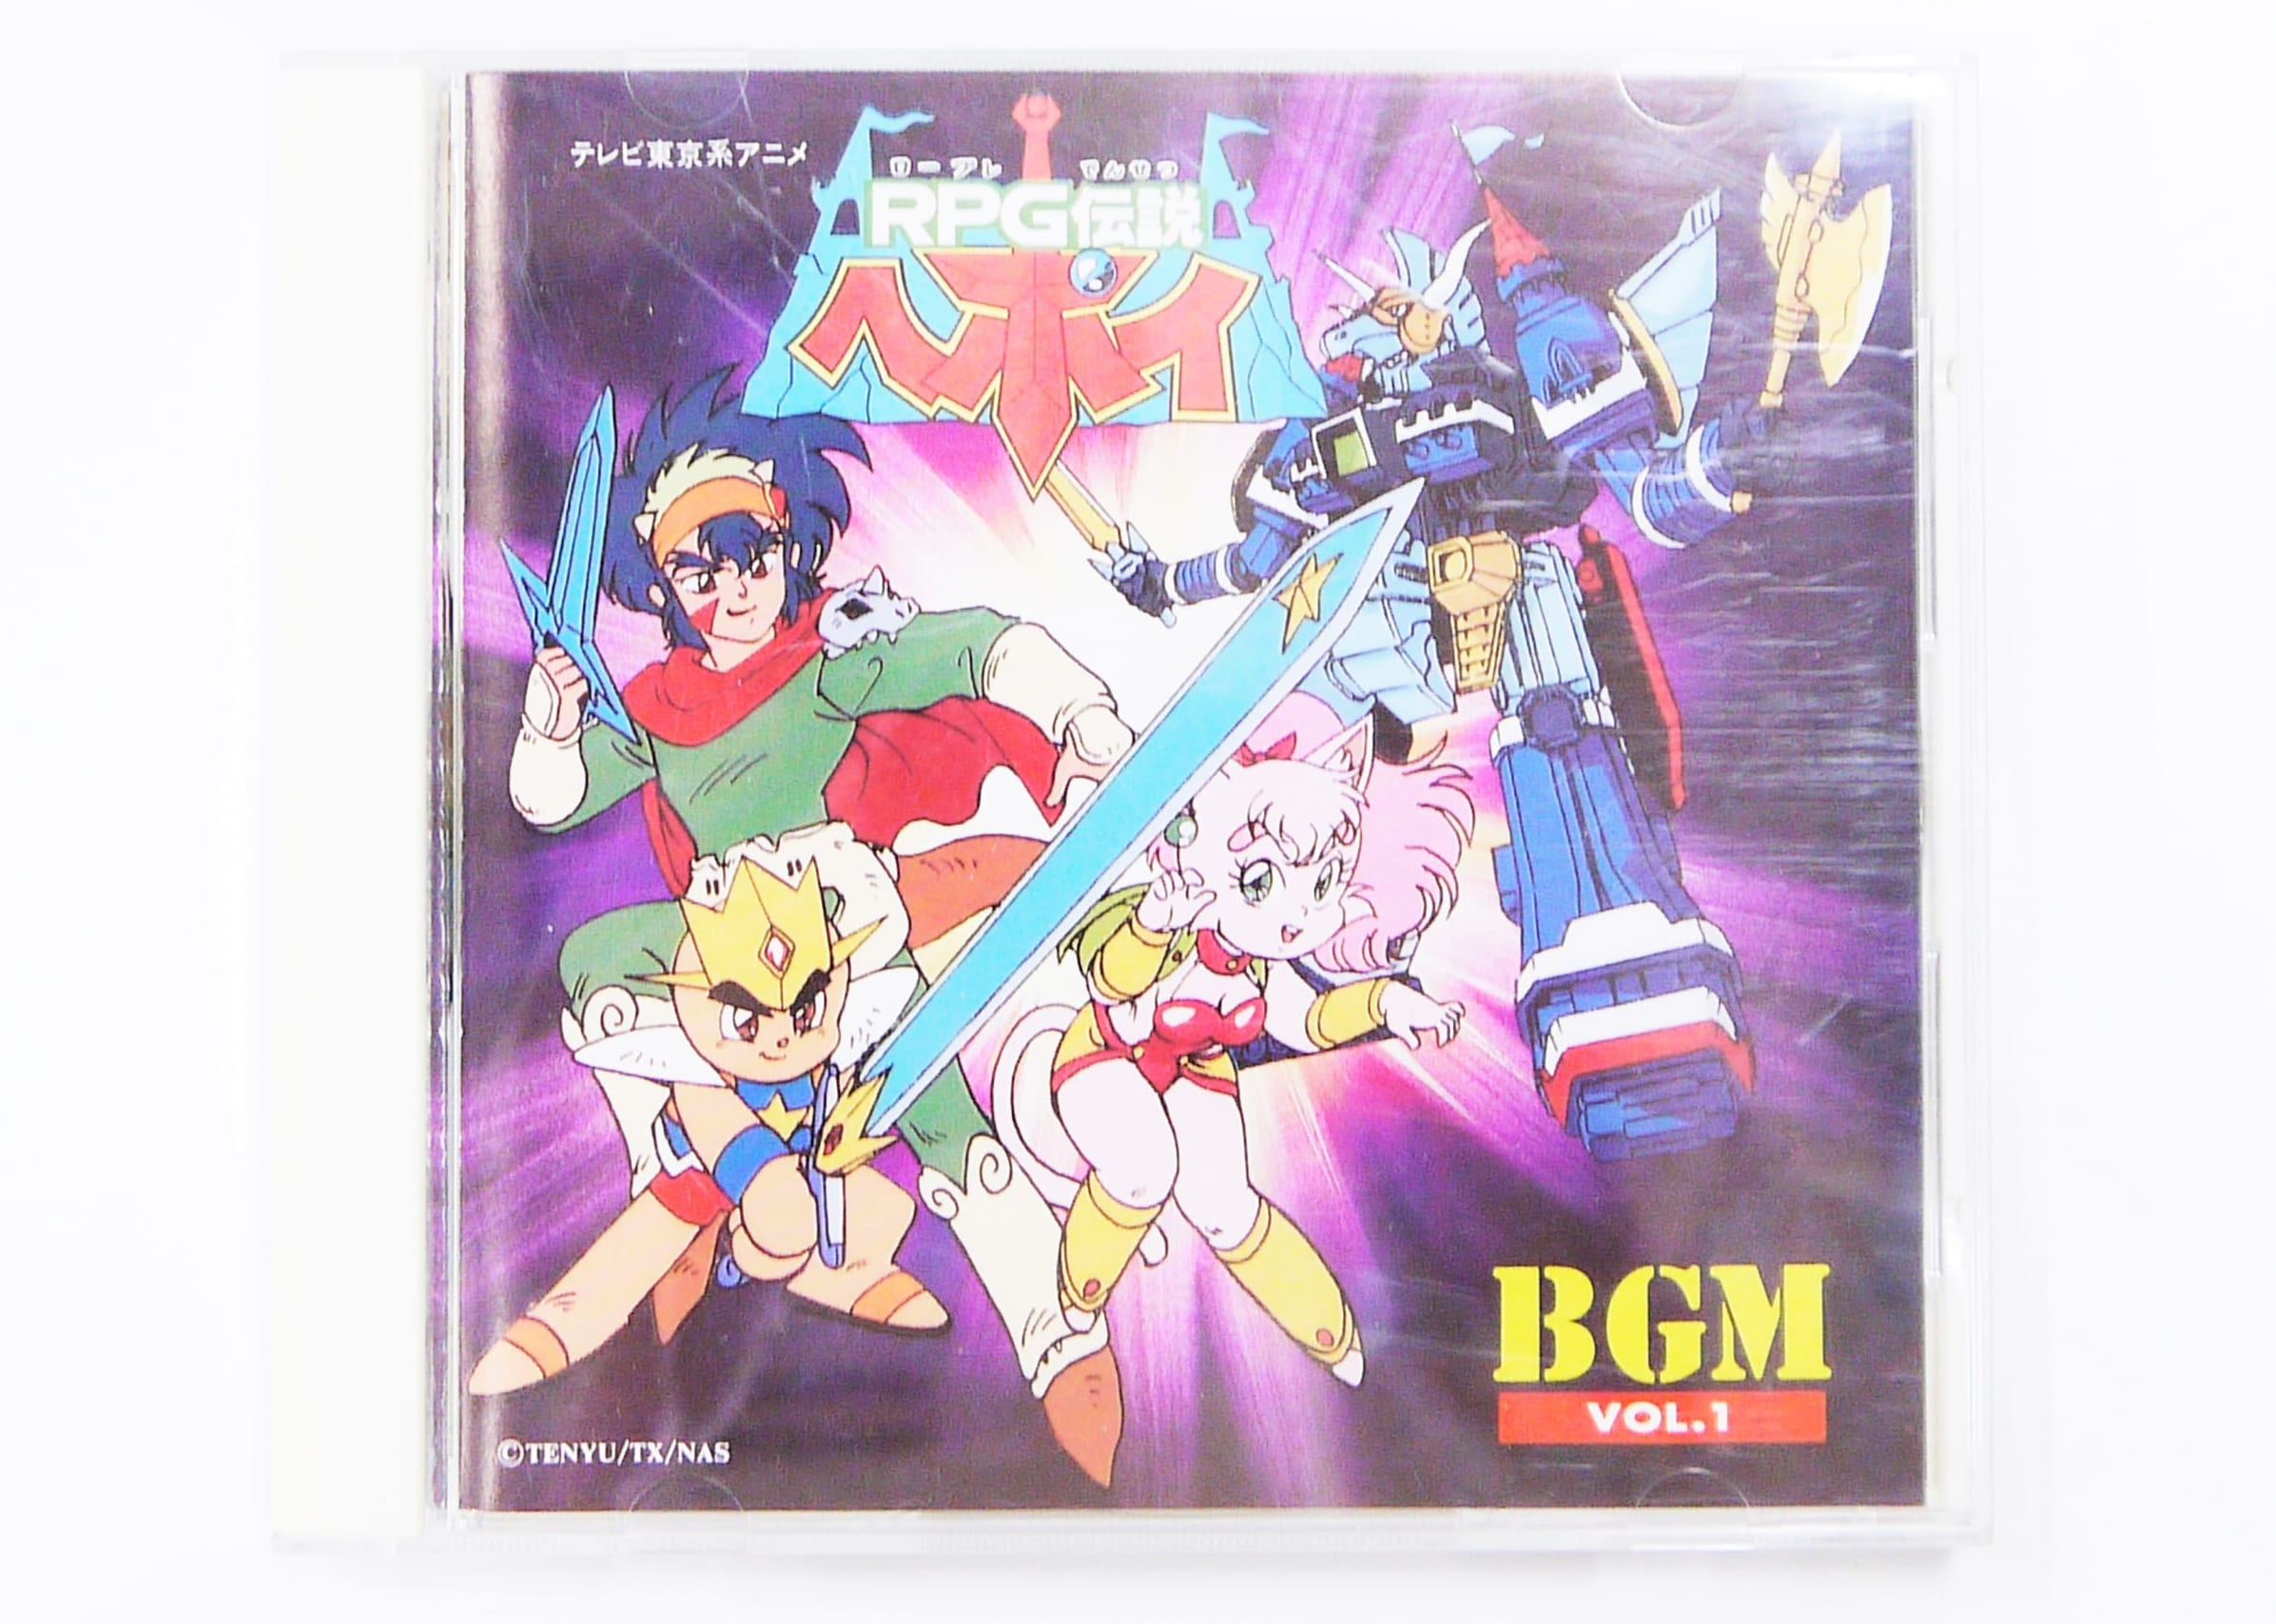 高価買取したサントラ RPG伝説ヘポイ BGM VOL.1の表紙